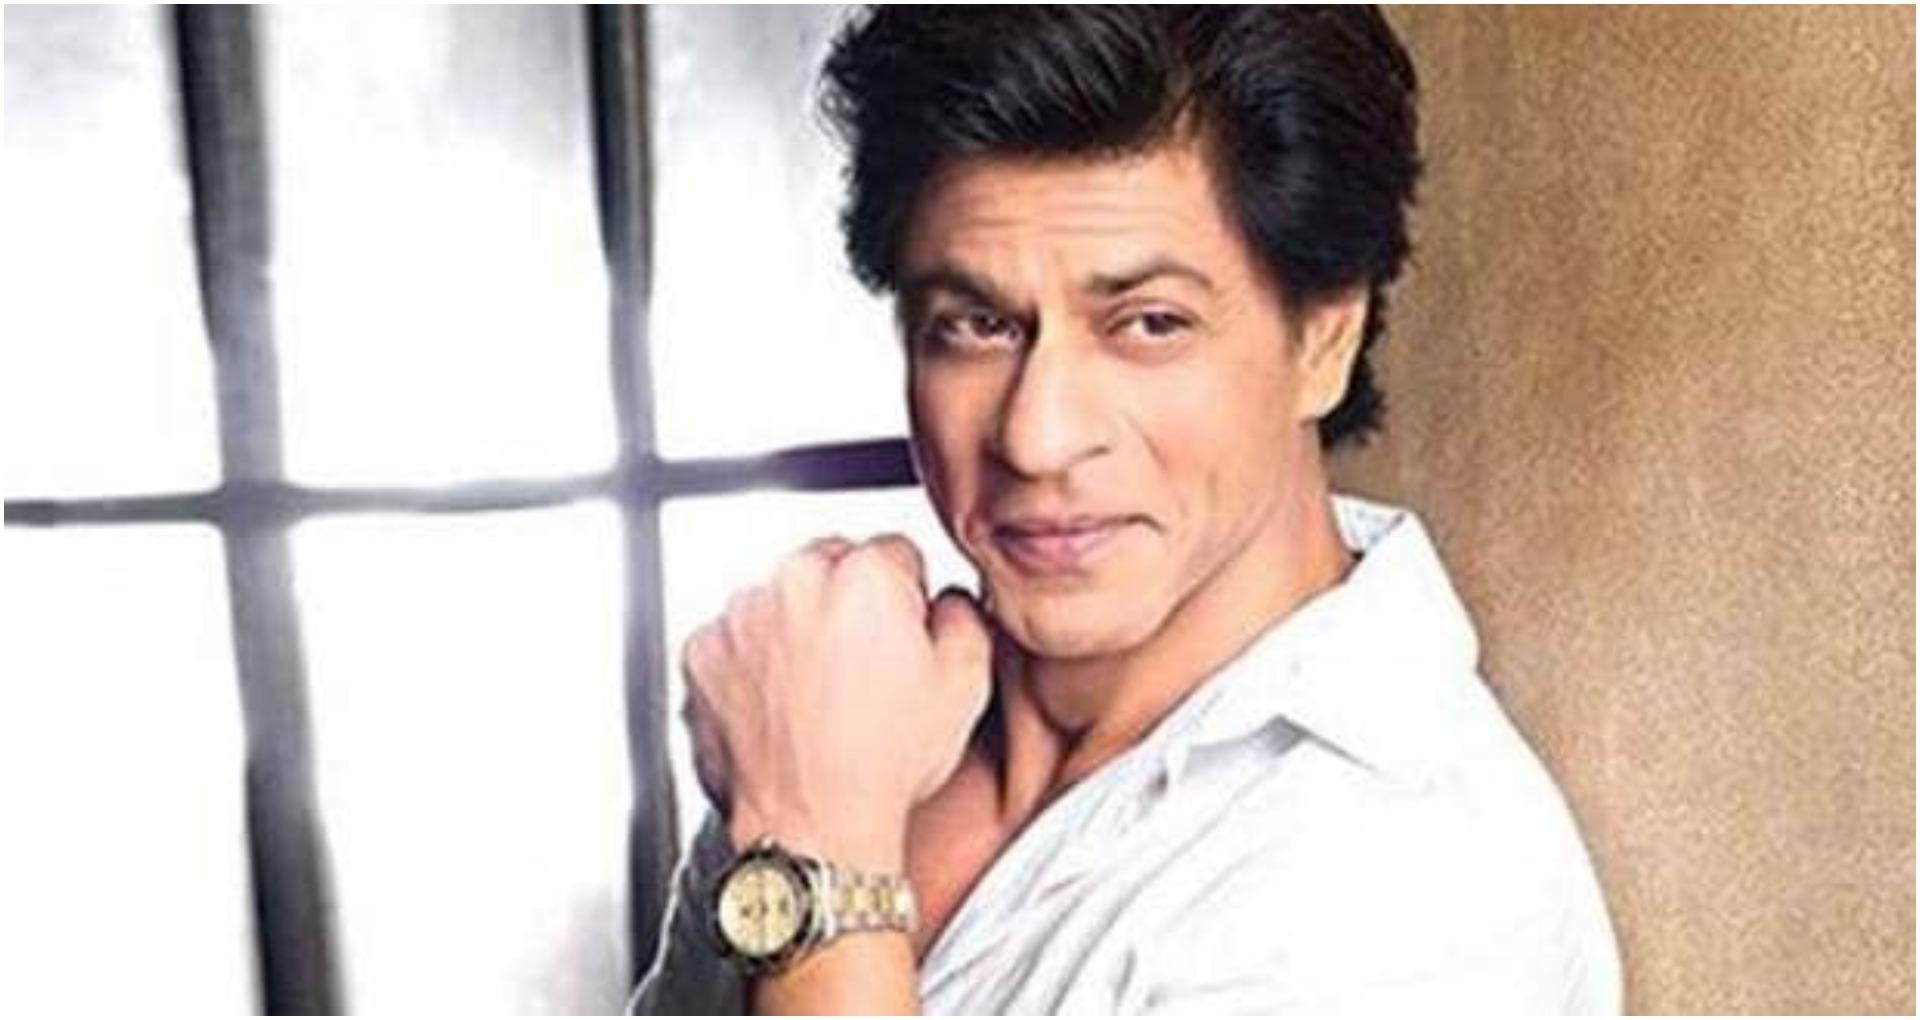 शाहरुख खान के फैंस के लिए गुड न्यूज़, इस एक्ट्रेस के साथ रोमांस करेंगे किंग खान अपनी अगली फिल्म में?